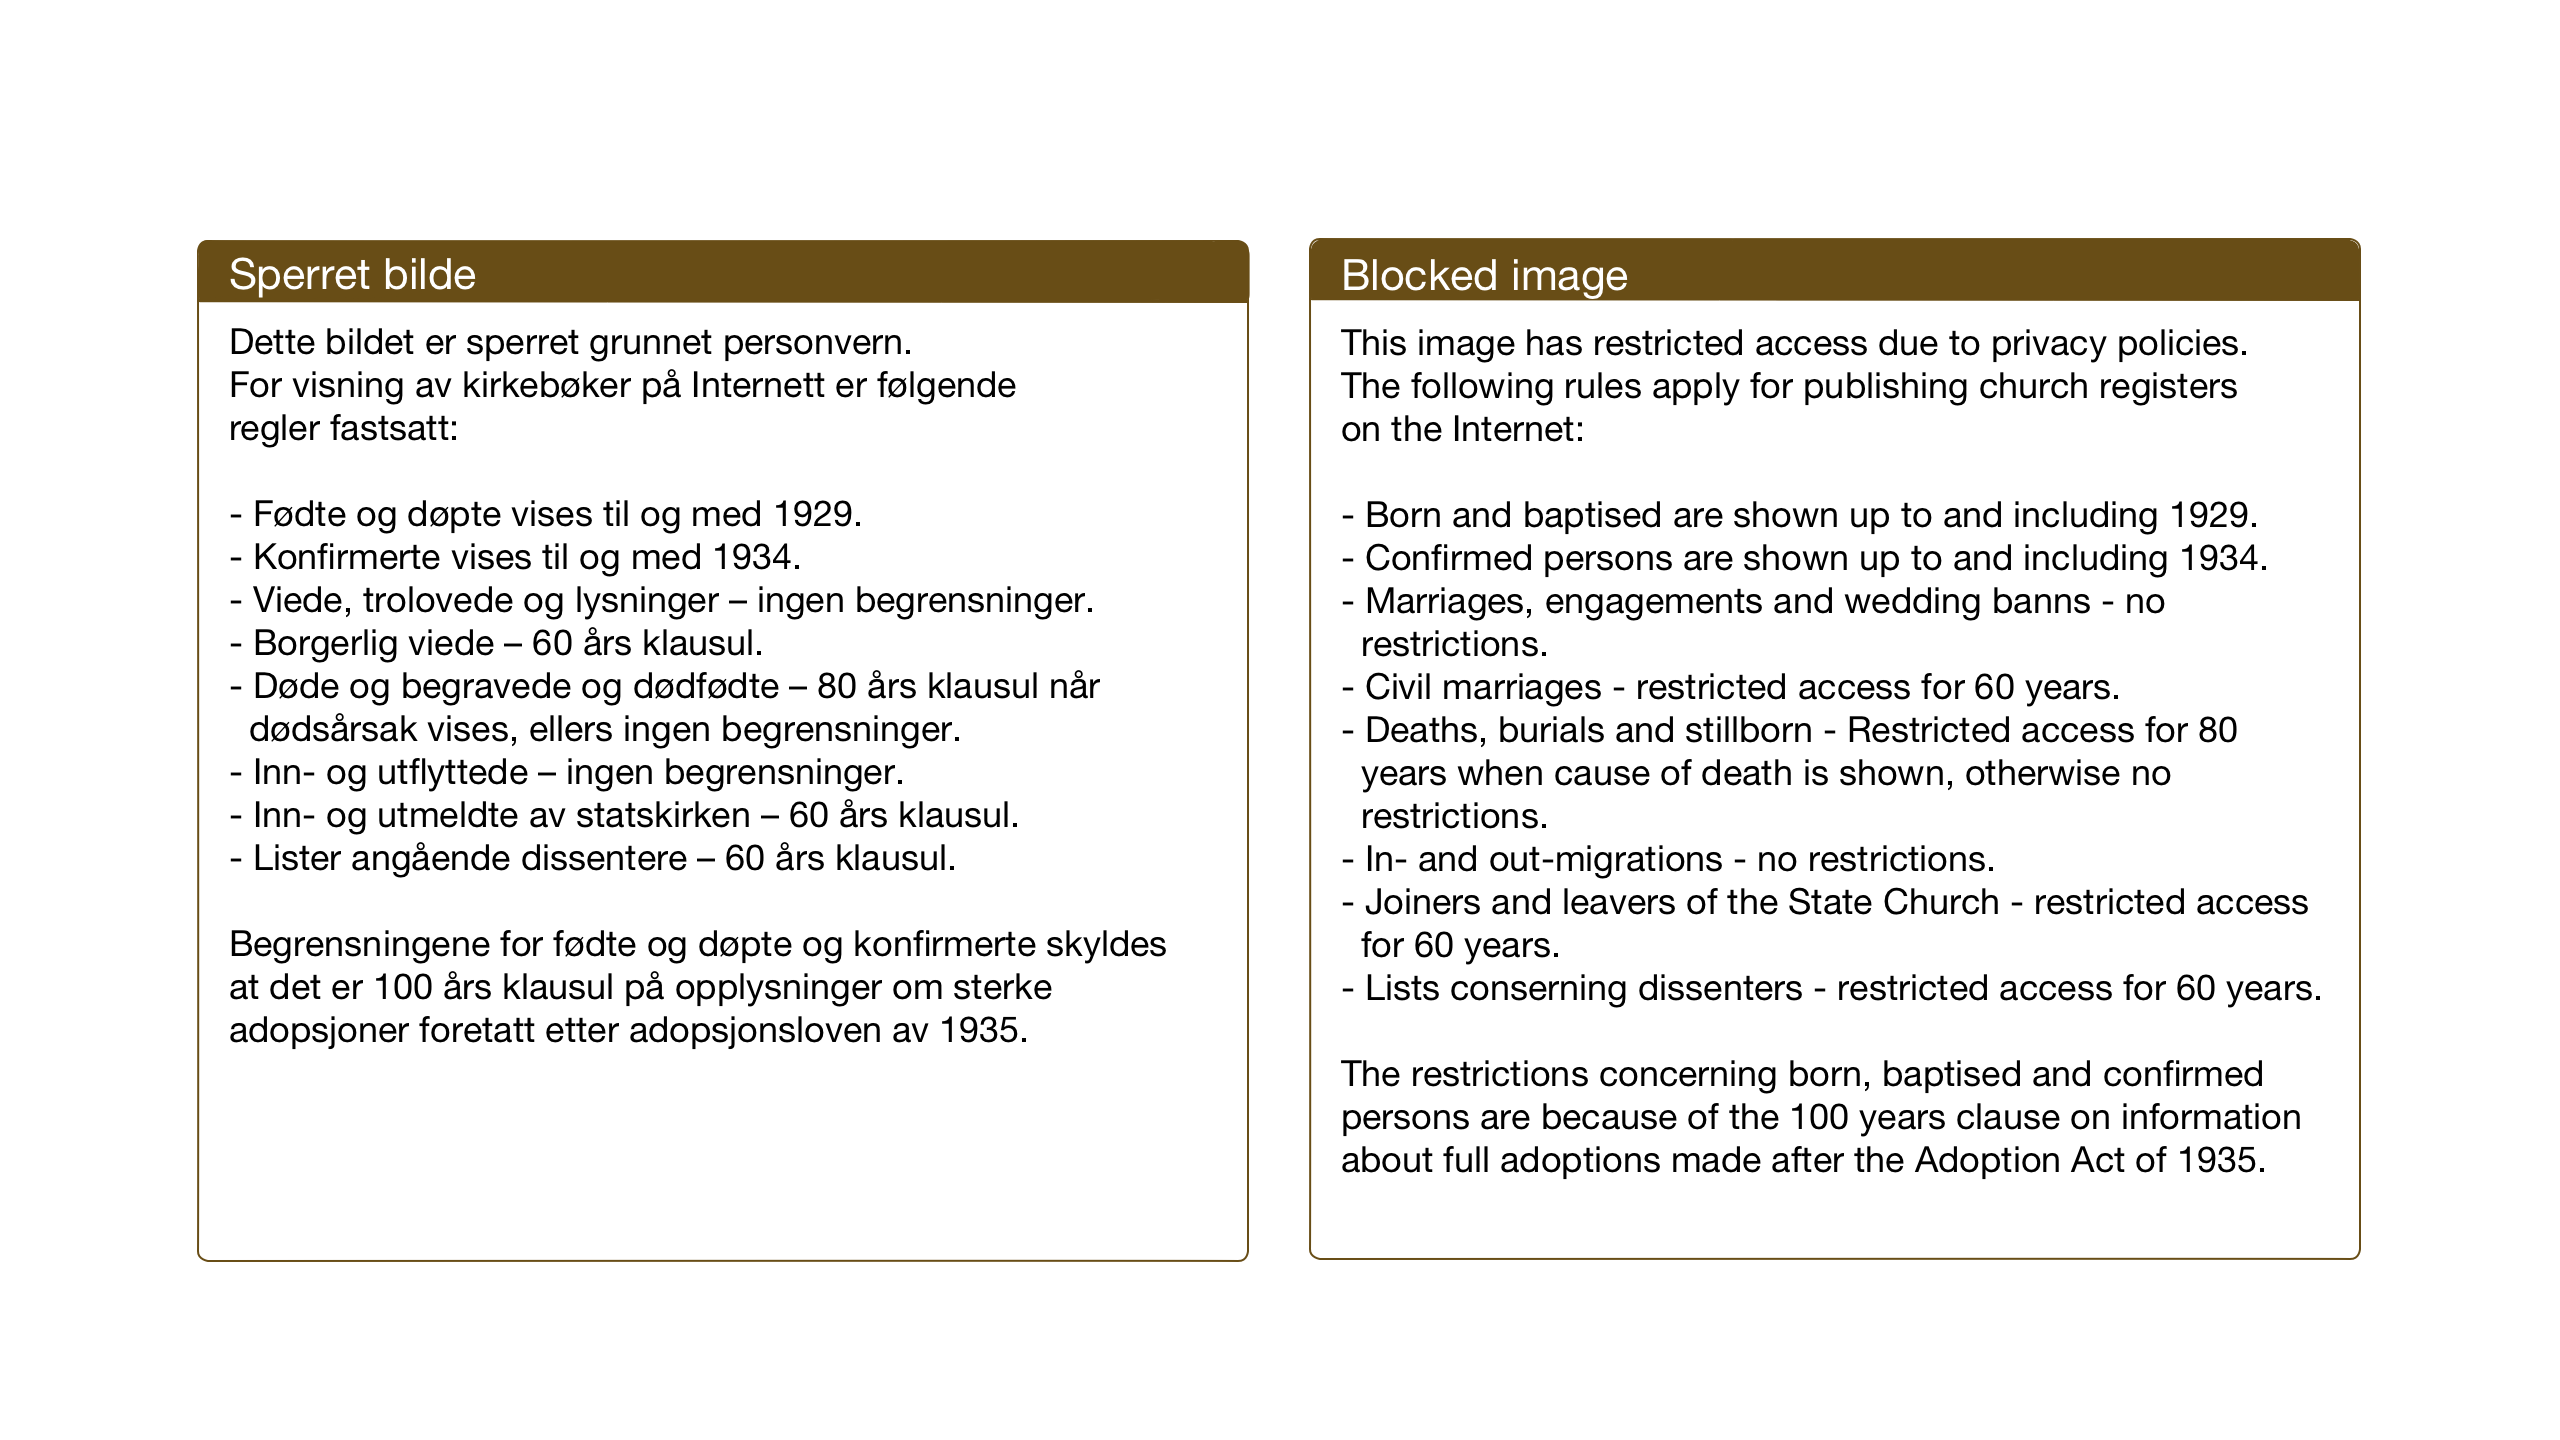 SAT, Ministerialprotokoller, klokkerbøker og fødselsregistre - Sør-Trøndelag, 653/L0658: Klokkerbok nr. 653C02, 1919-1947, s. 153